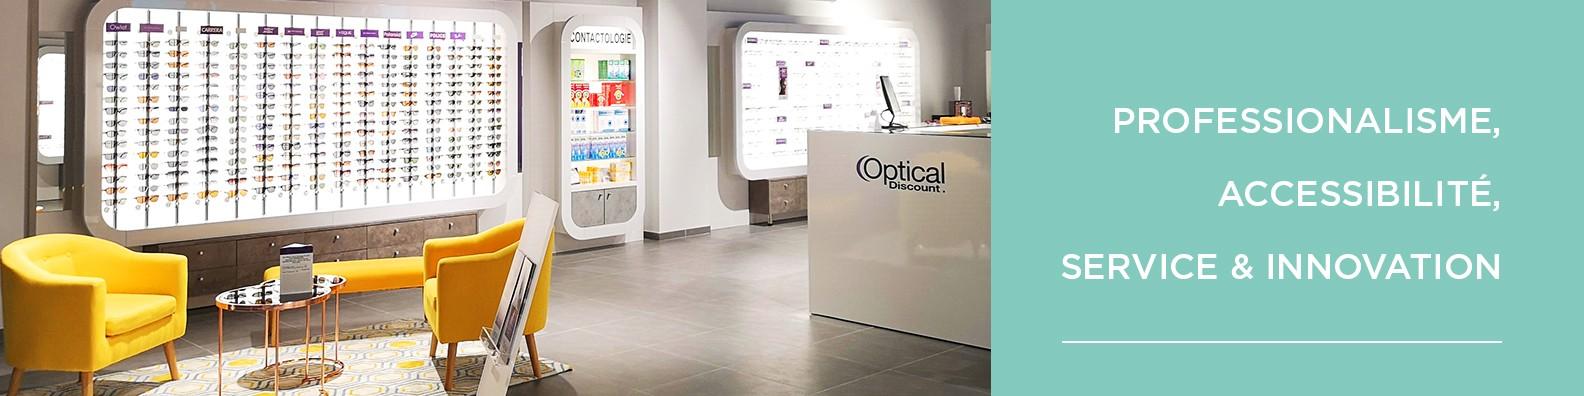 9339f98131 Imagem de capa da Optical Discount - groupe Alain Afflelou